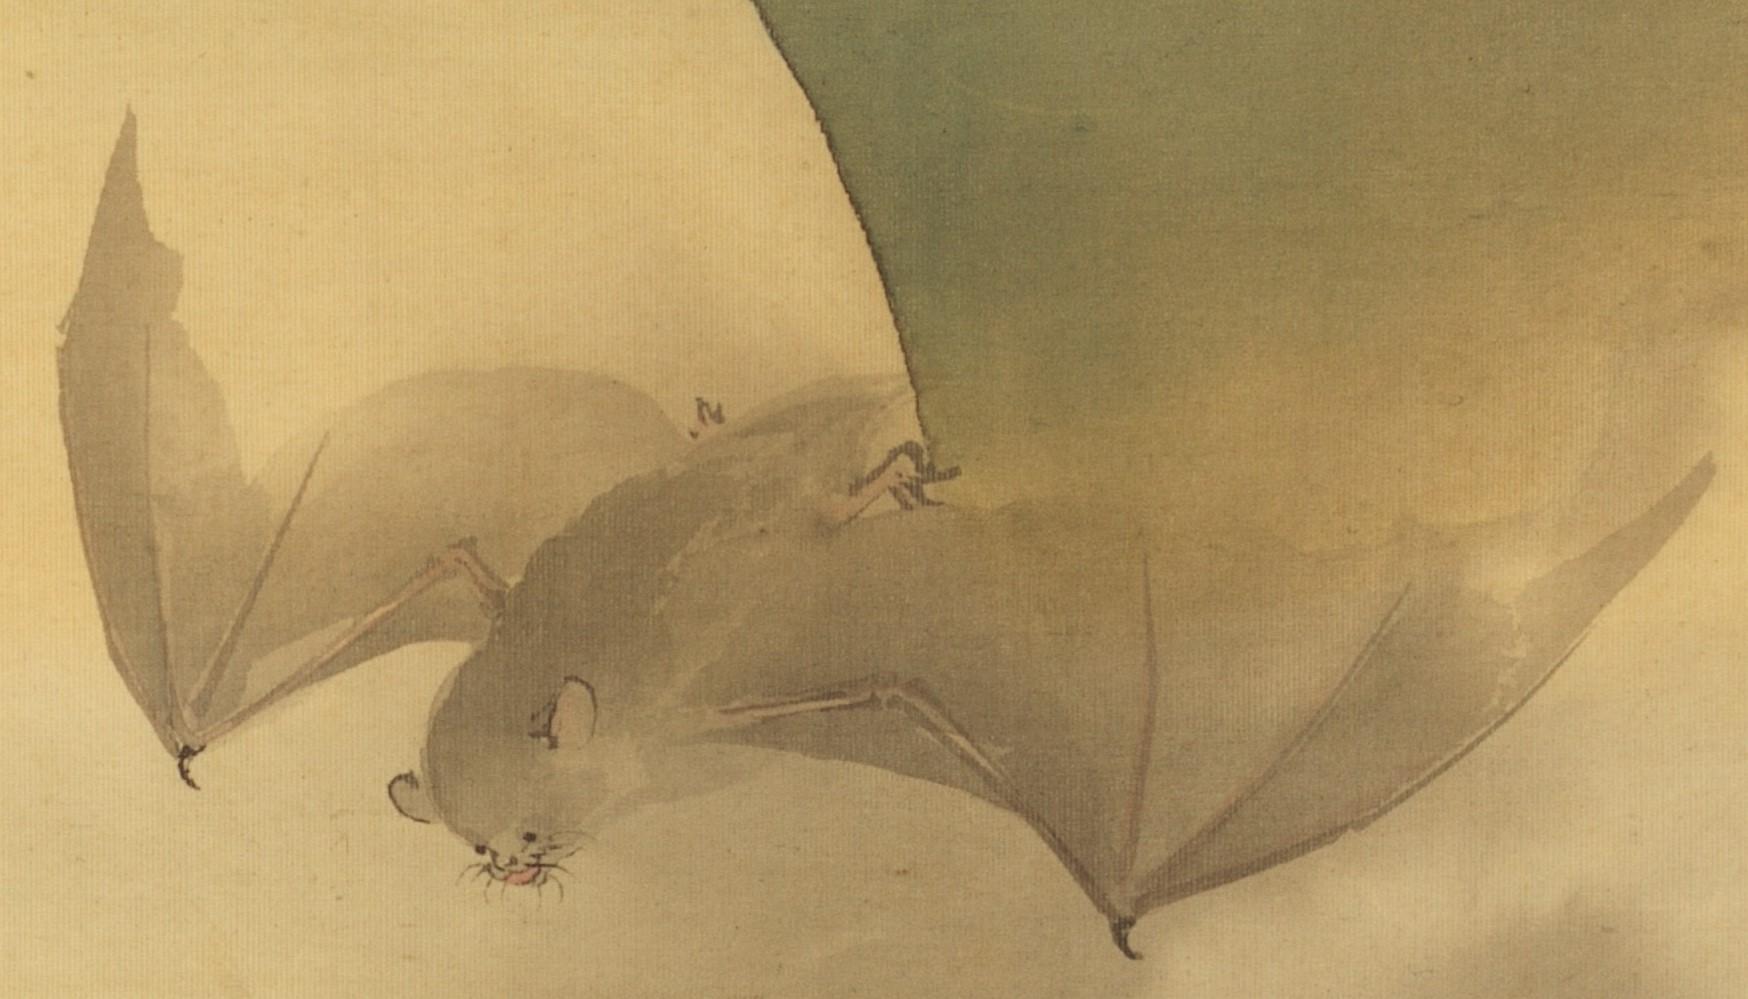 鈴木松年《月下蝙蝠図》 - コピー (2)